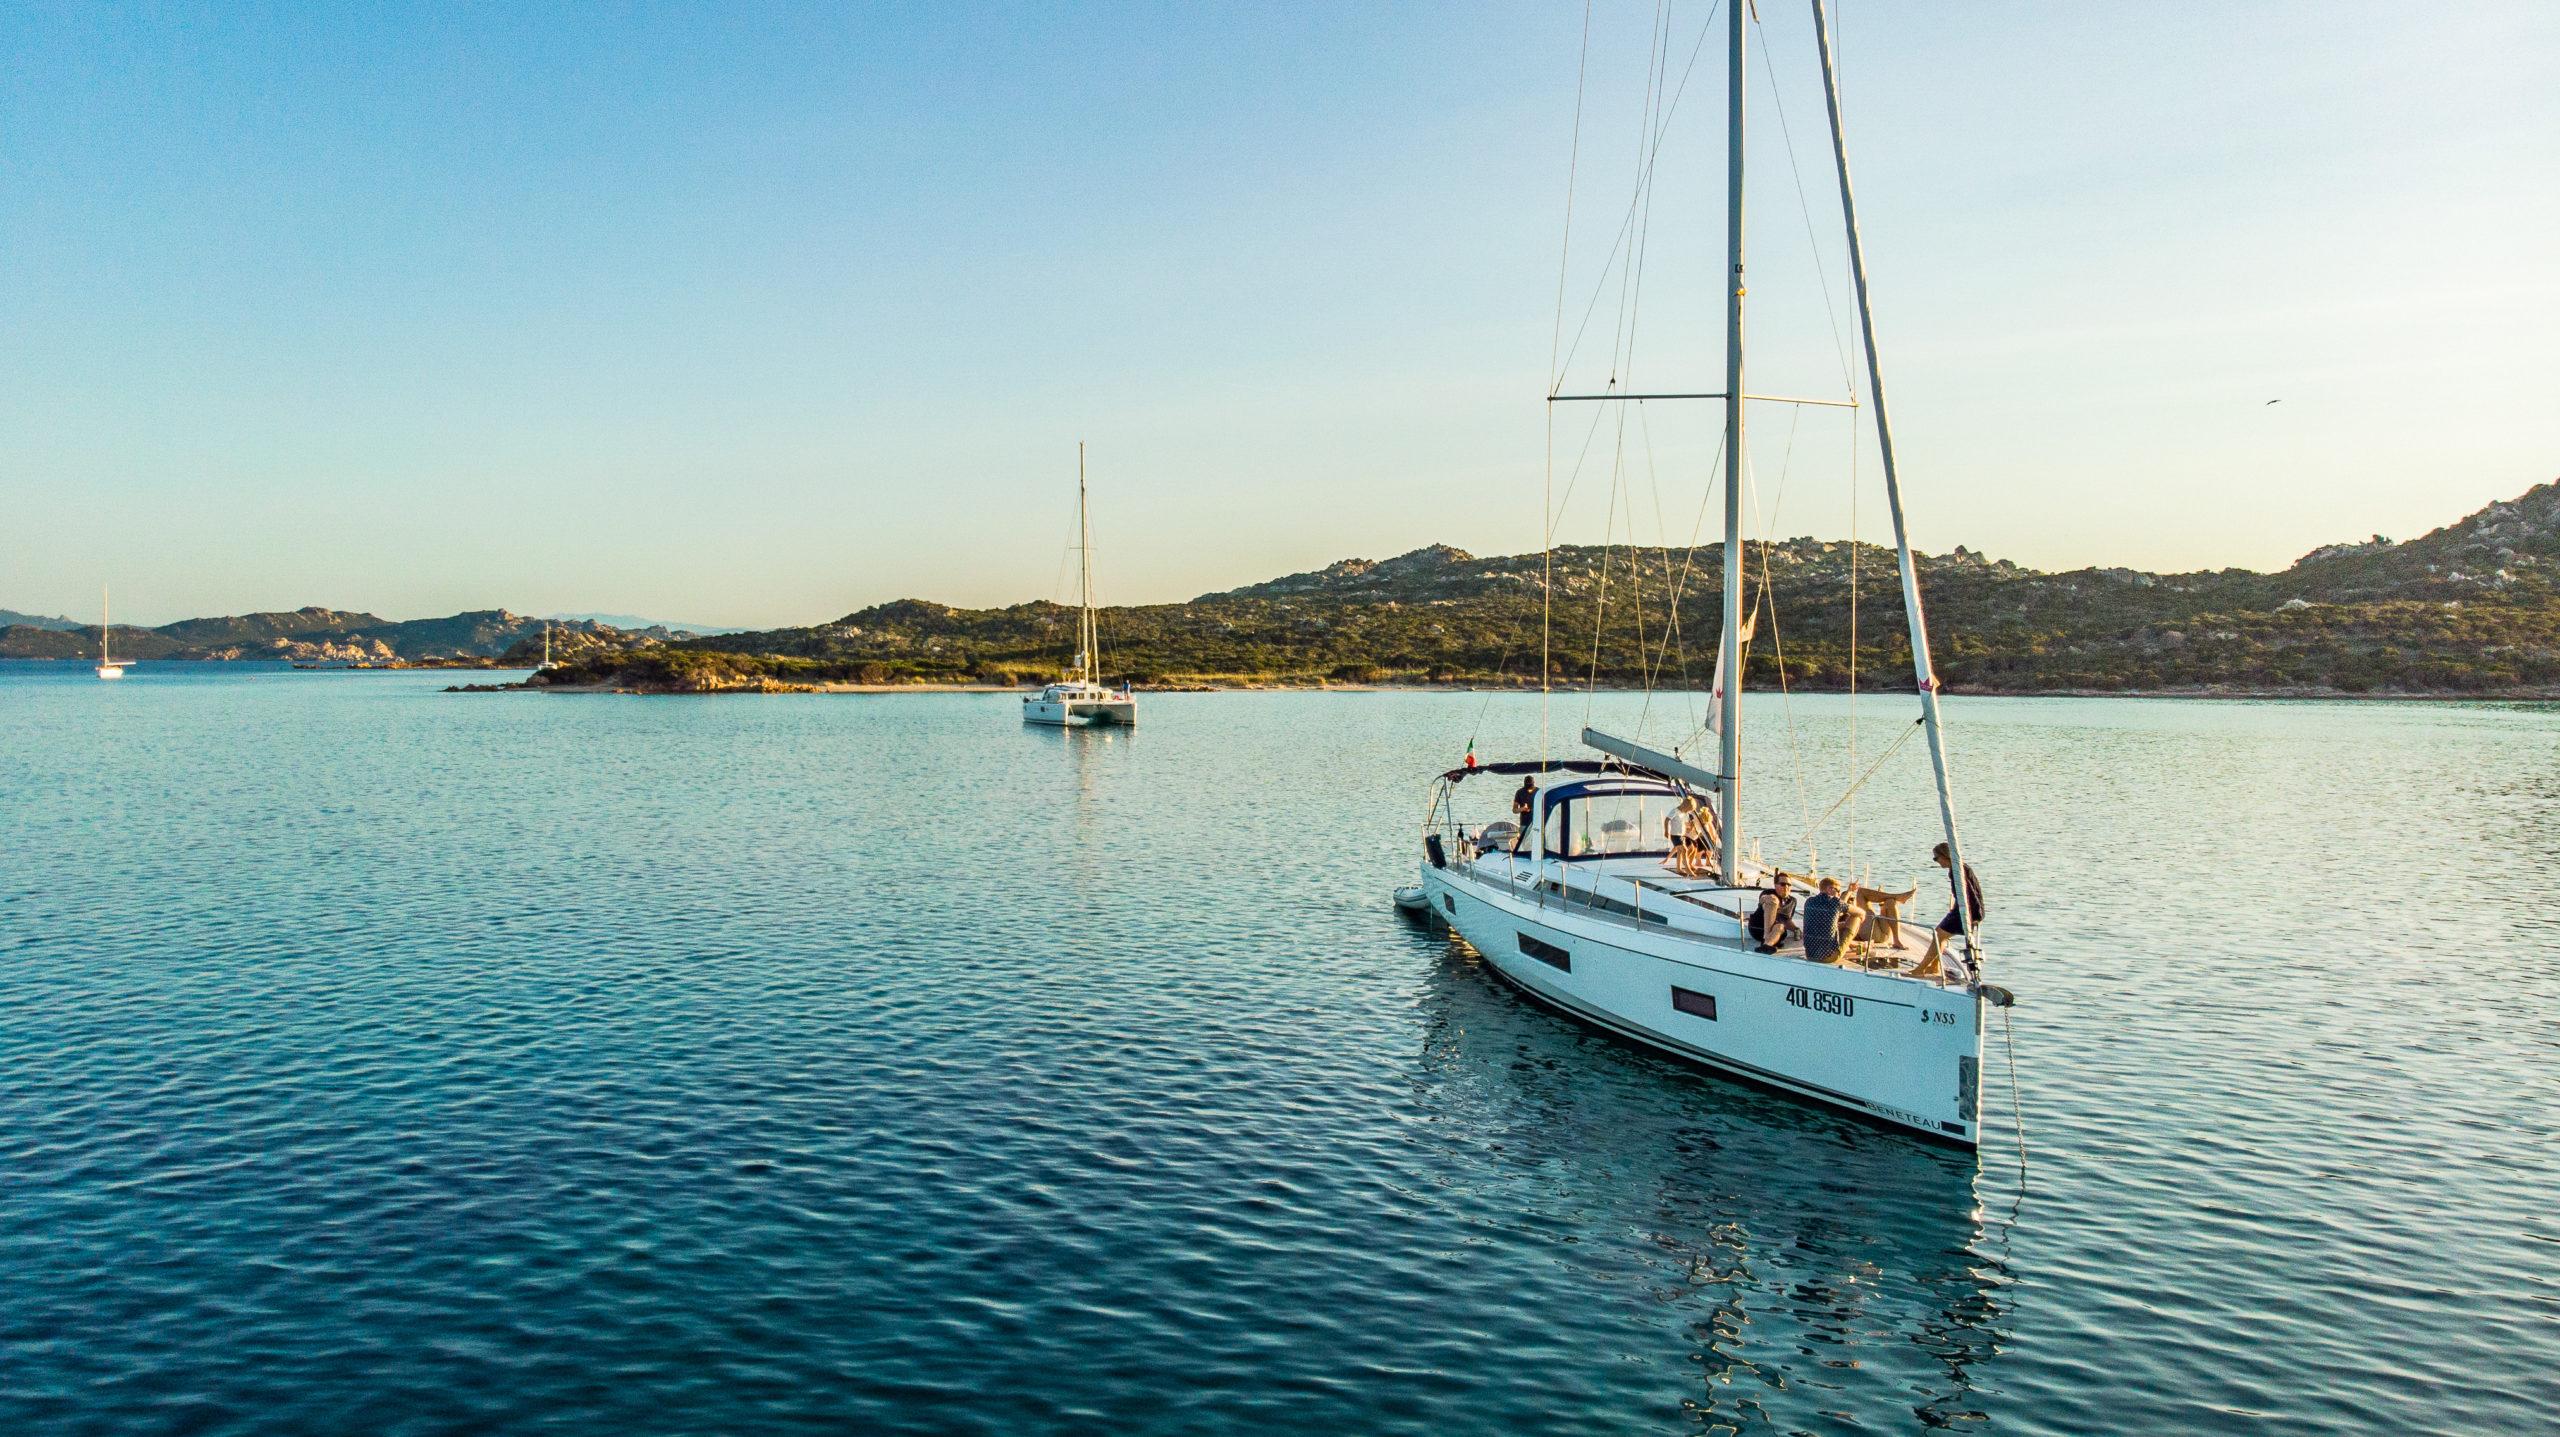 Likheter och skillnader mellan Korsika och Sardinien